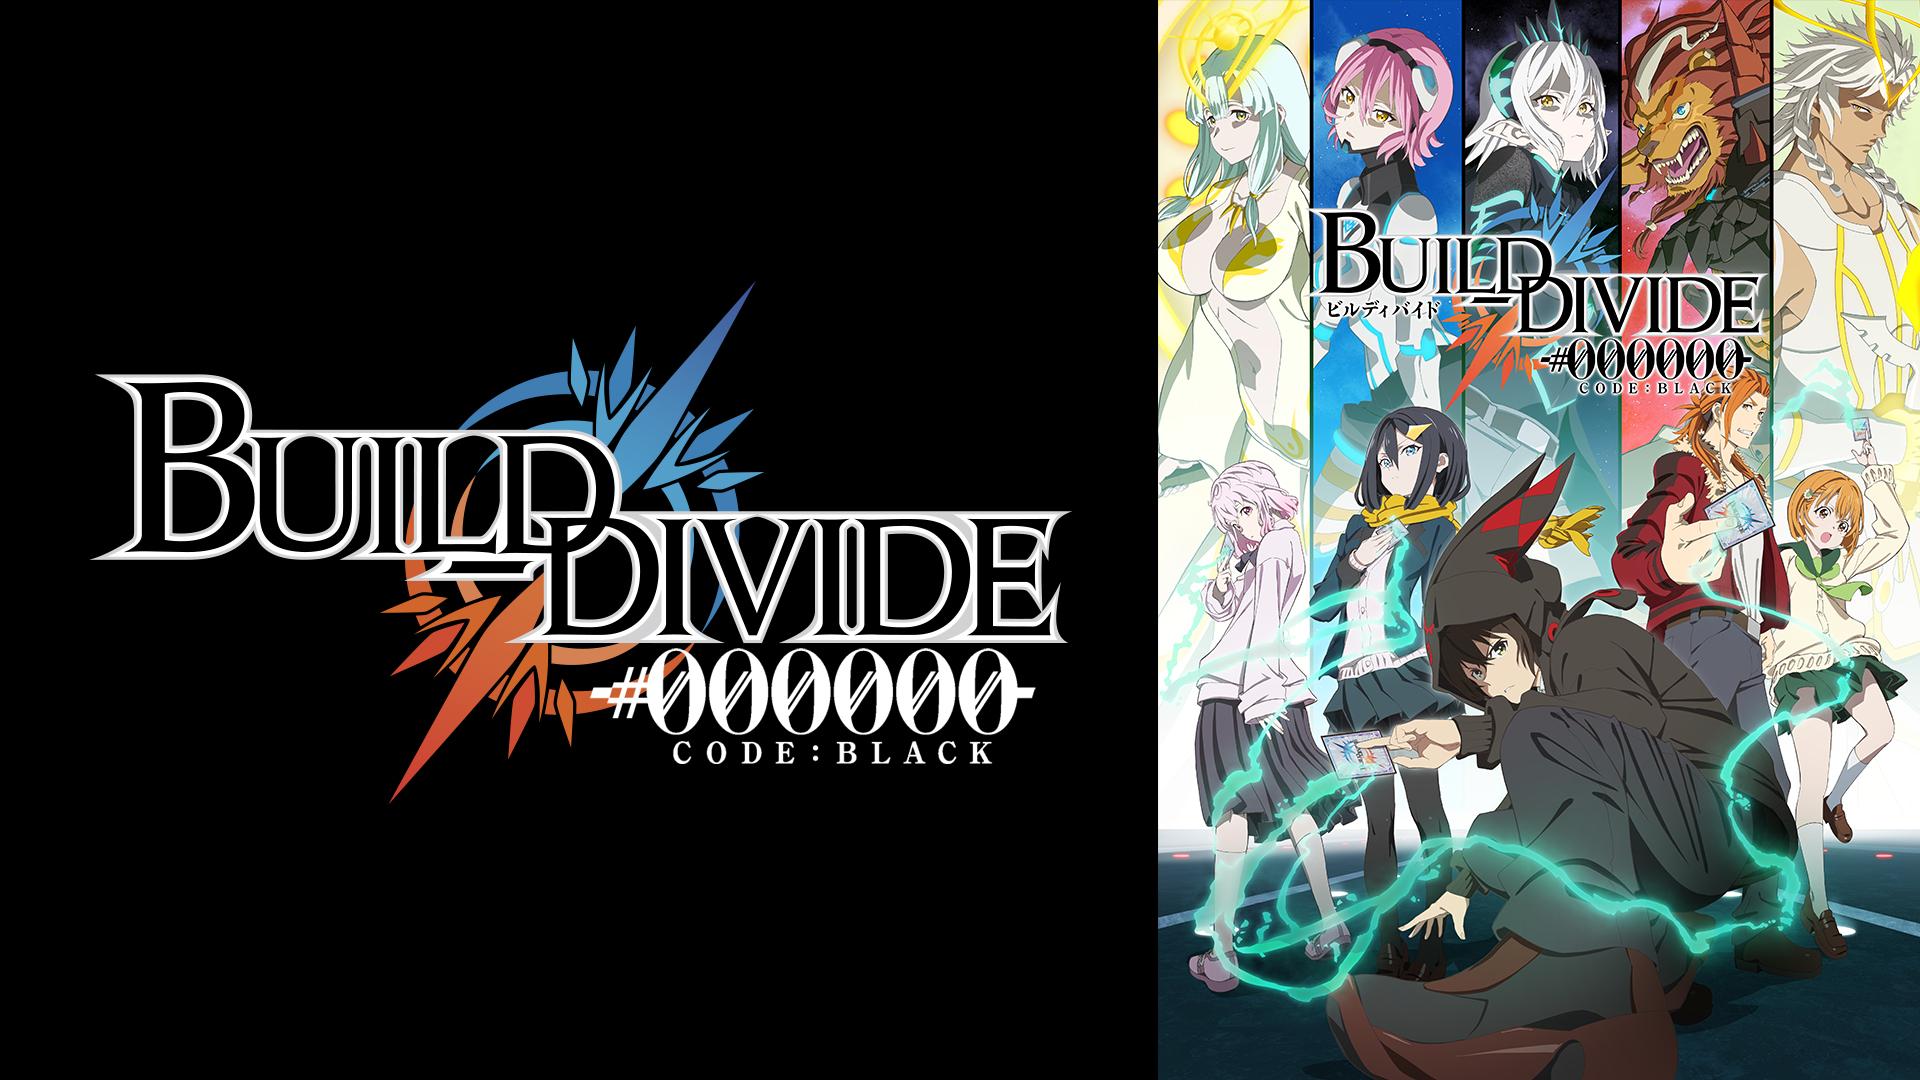 ビルディバイド -#000000-(コードブラック)